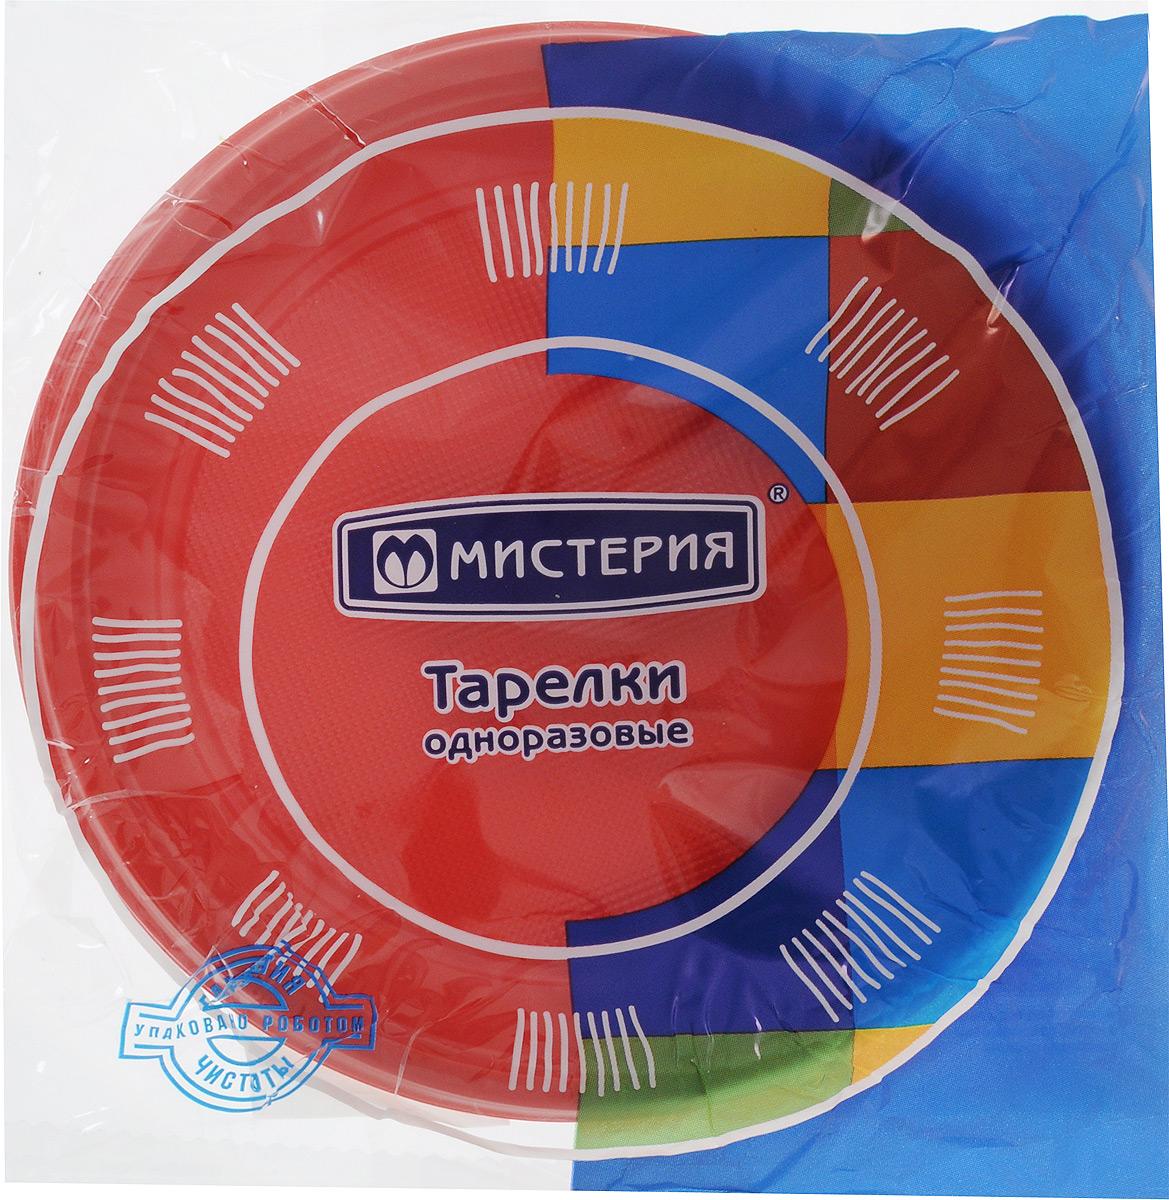 """Набор одноразовых десертных тарелок """"Мистерия"""", цвет: красный, диаметр 17 см, 12 шт"""